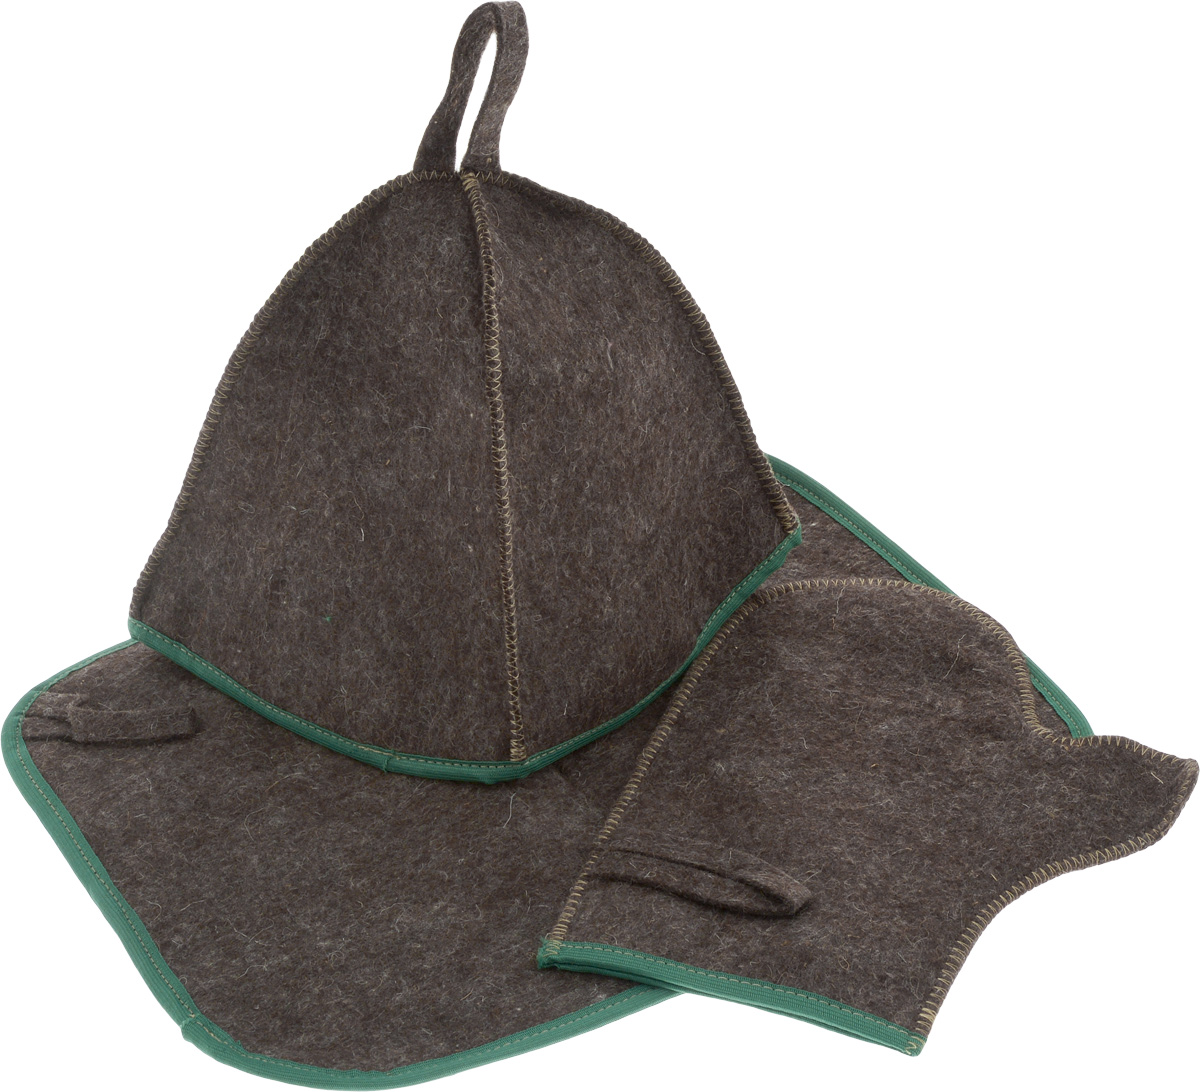 Набор для бани и сауны Proffi Sauna, цвет: темно-коричневый, зеленый, 3 предмета наборы аксессуаров для бани proffi набор для баникамуфляж